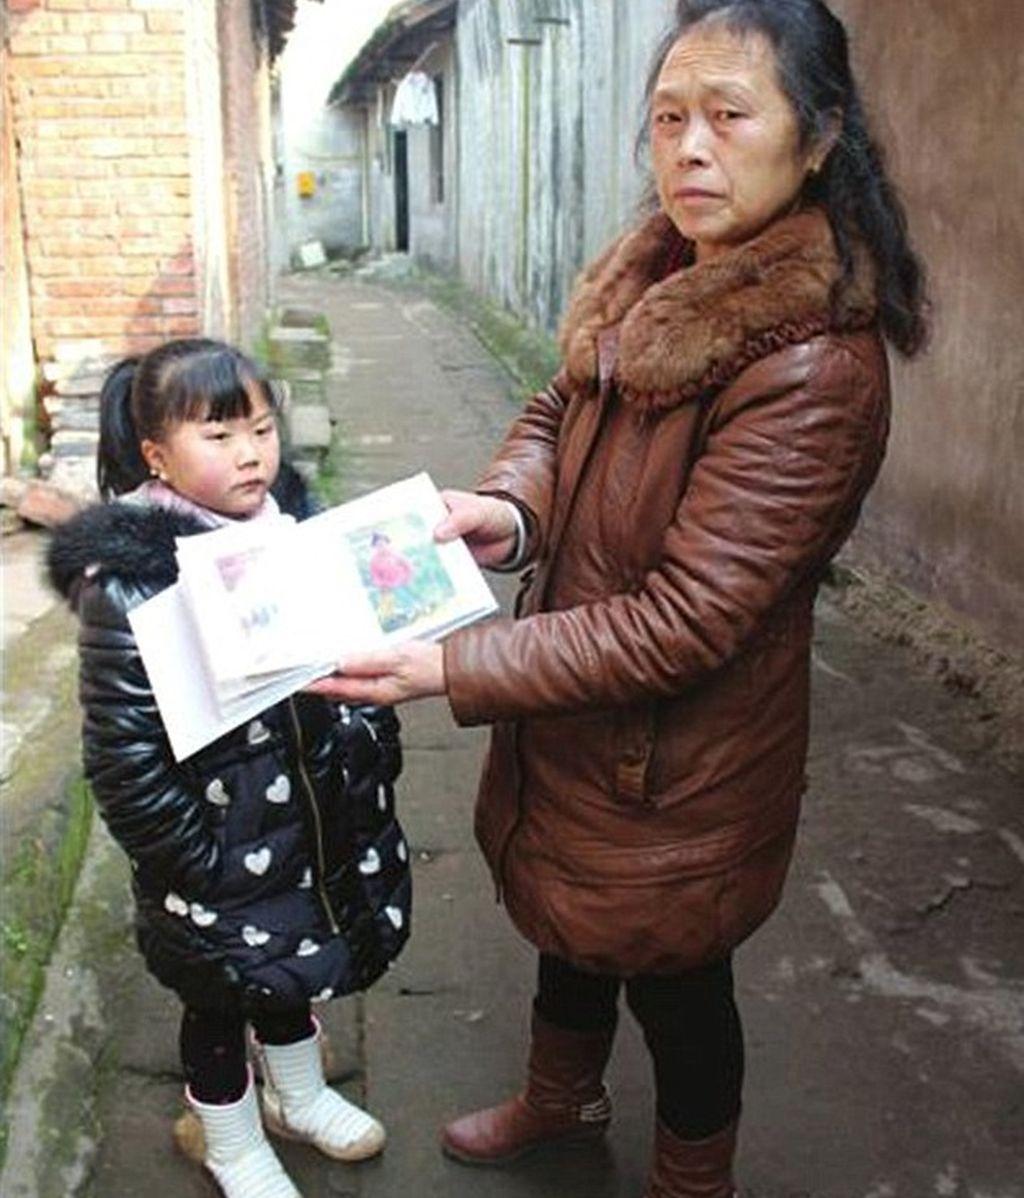 Una mujer de 20 años mantiene la apariencia de una niña de 7 años